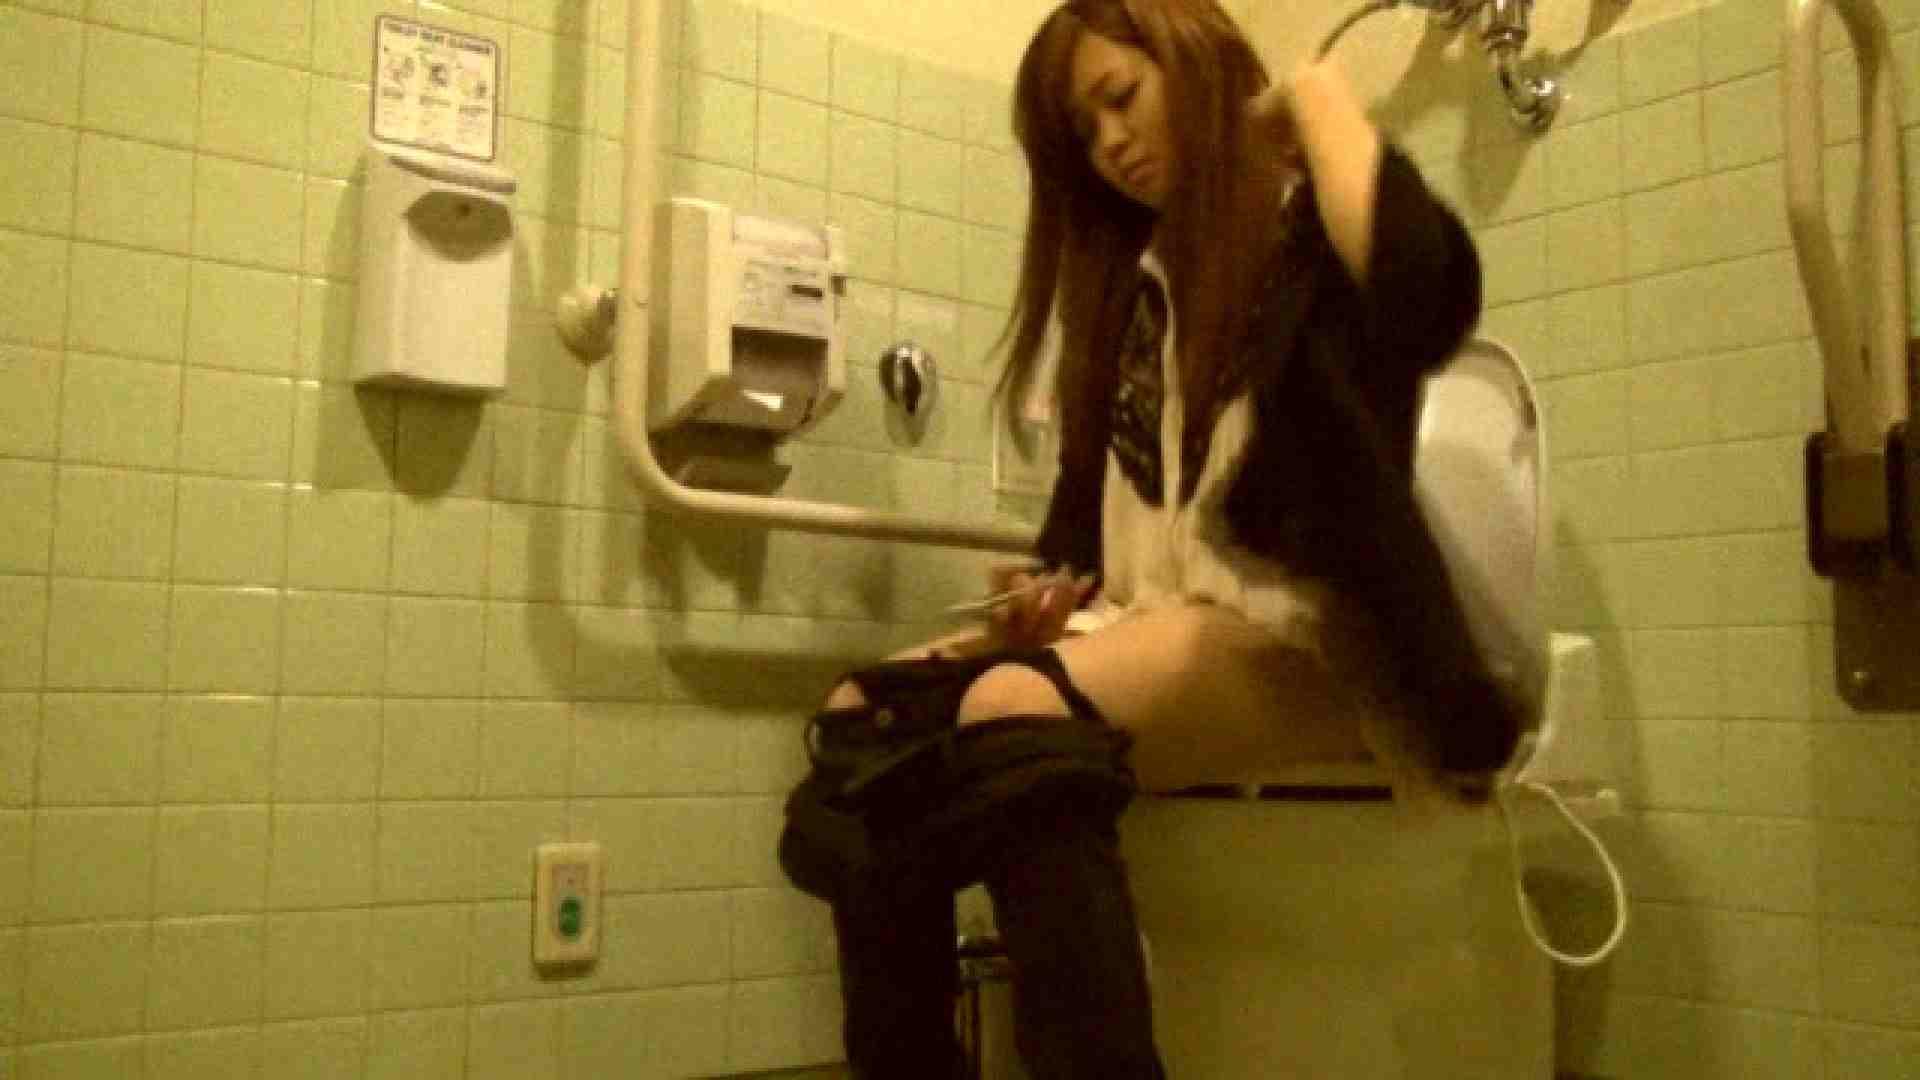 魔術師の お・も・て・な・し vol.26 19歳のバーの店員さんの洗面所をしばし… 洗面所突入 エロ無料画像 73pic 2